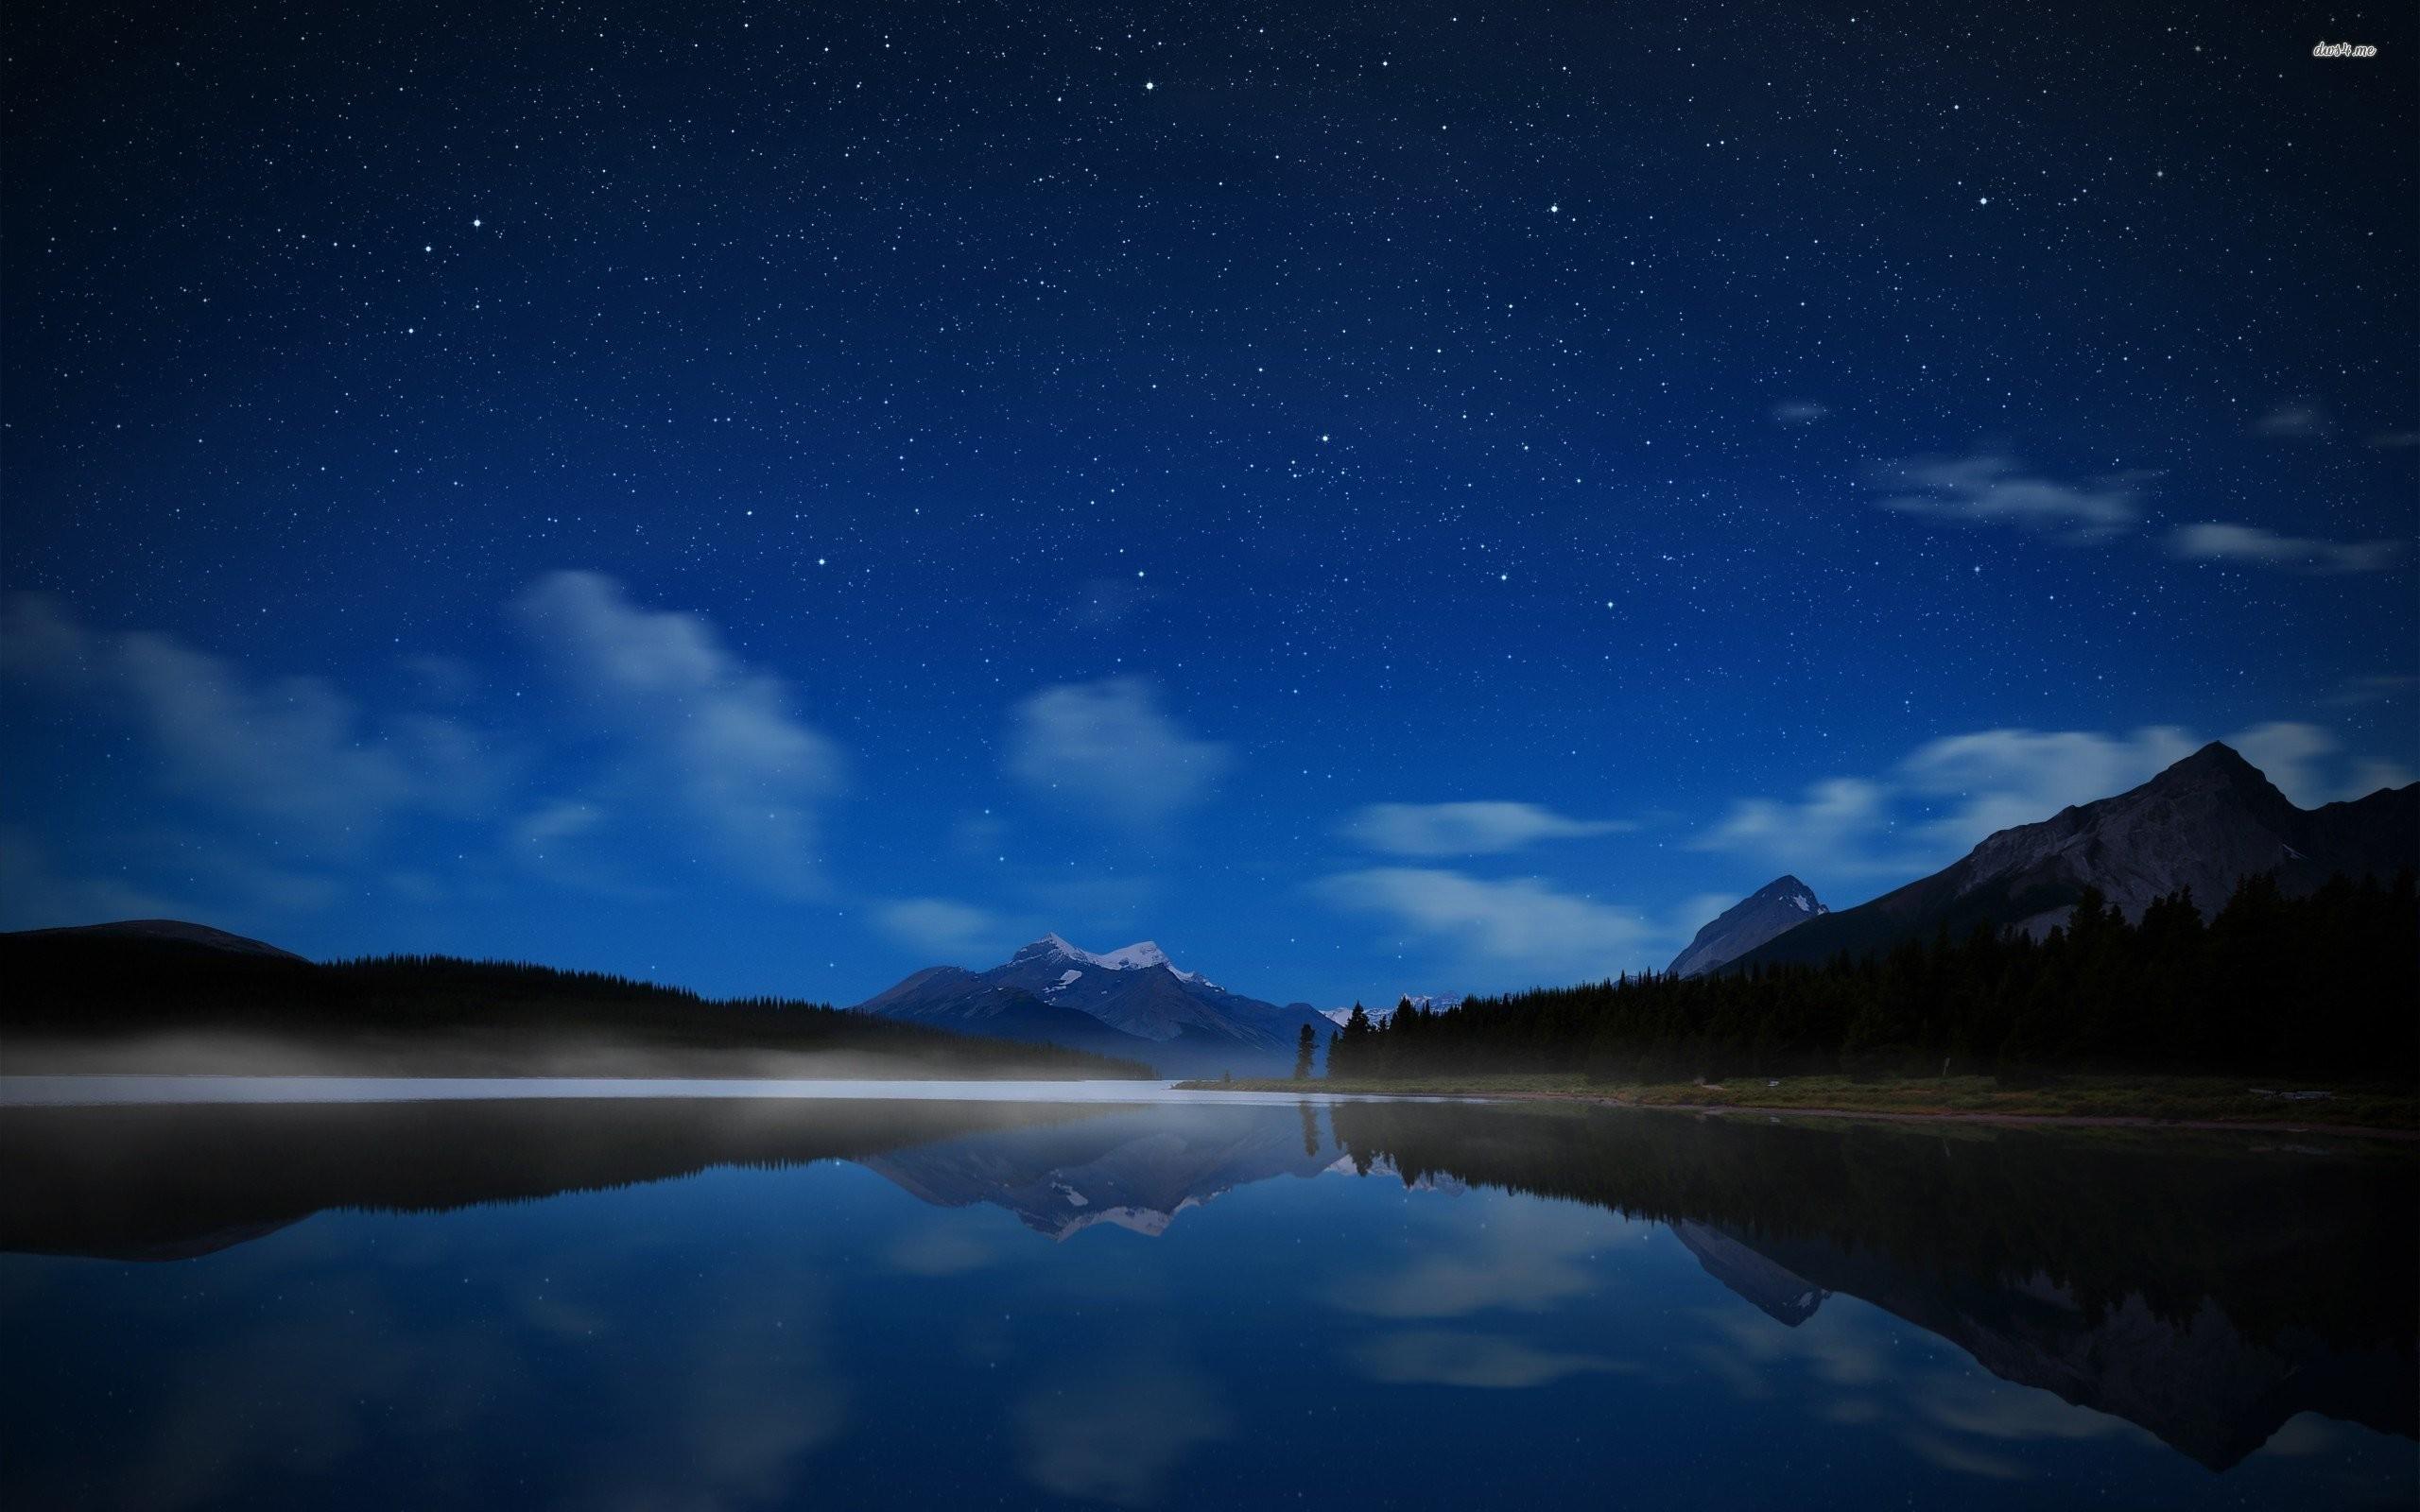 Star Filled Night Sky Wallpaper – WallDevil